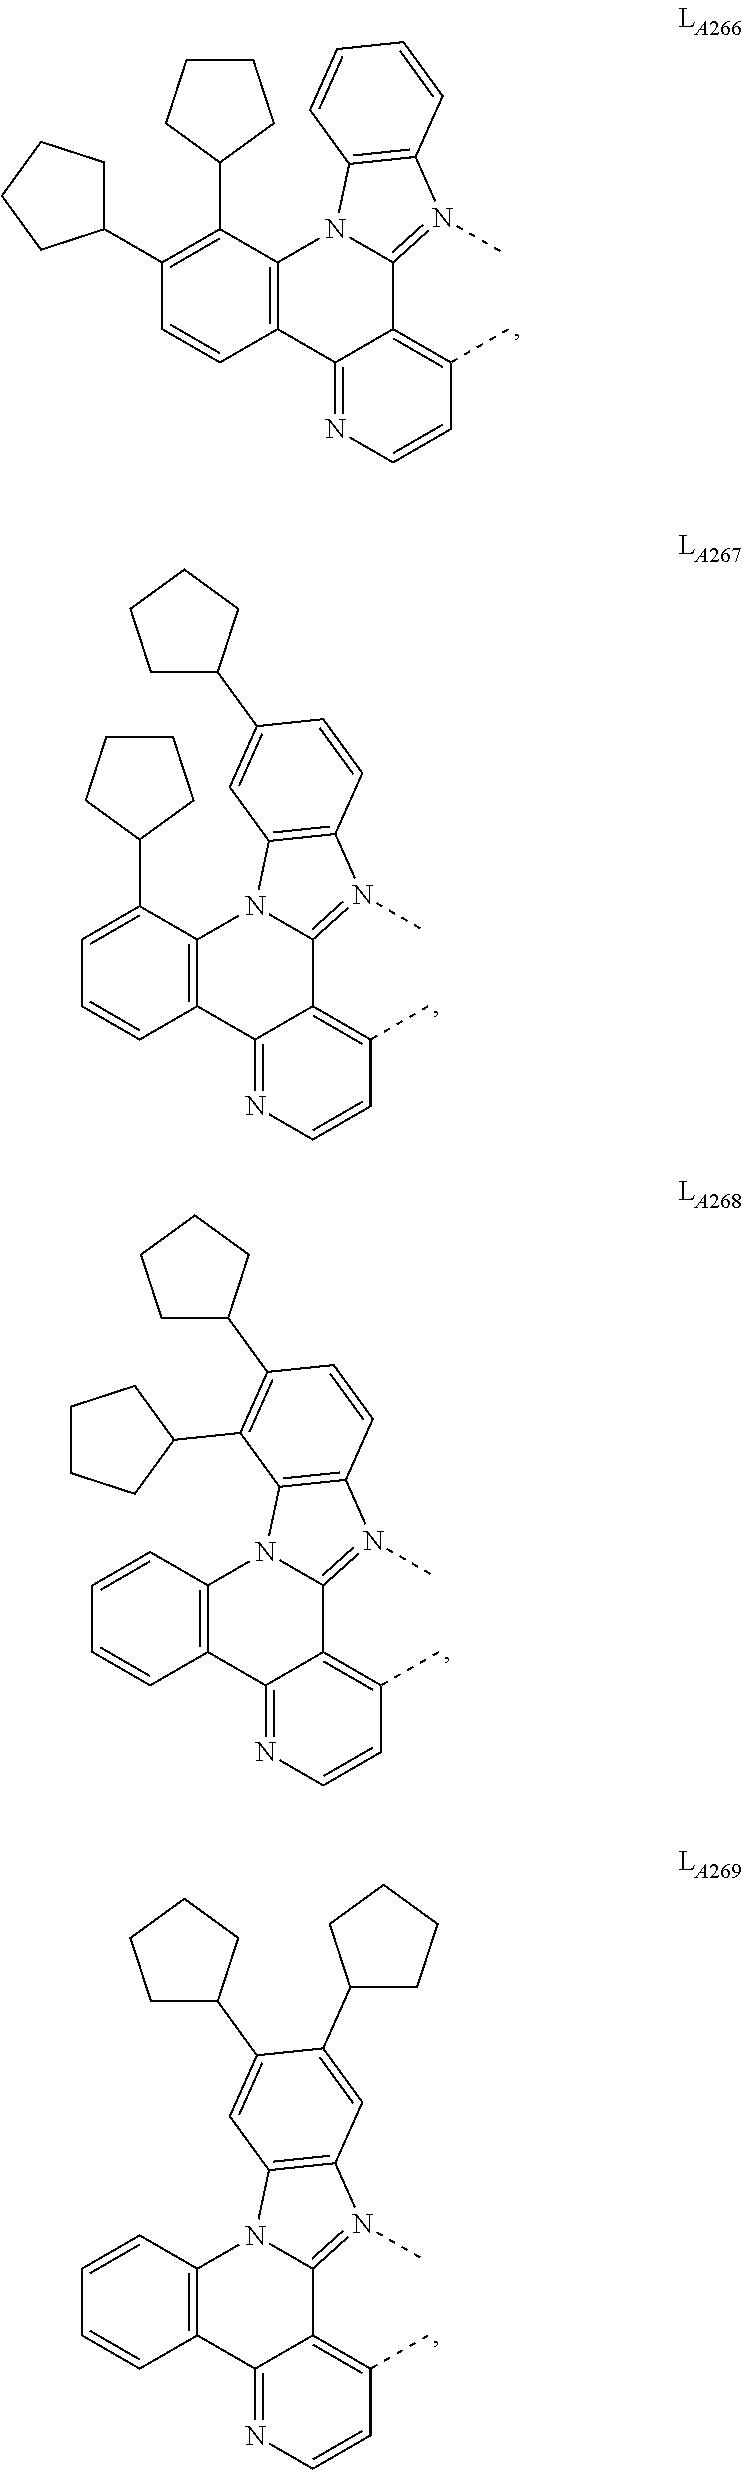 Figure US09905785-20180227-C00087